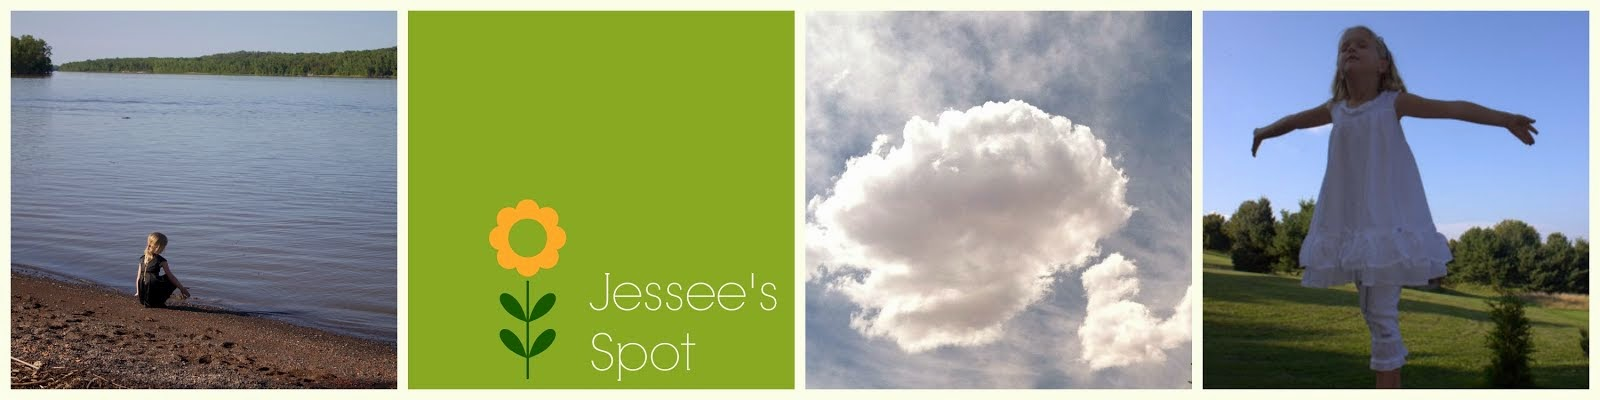 jessee's spot